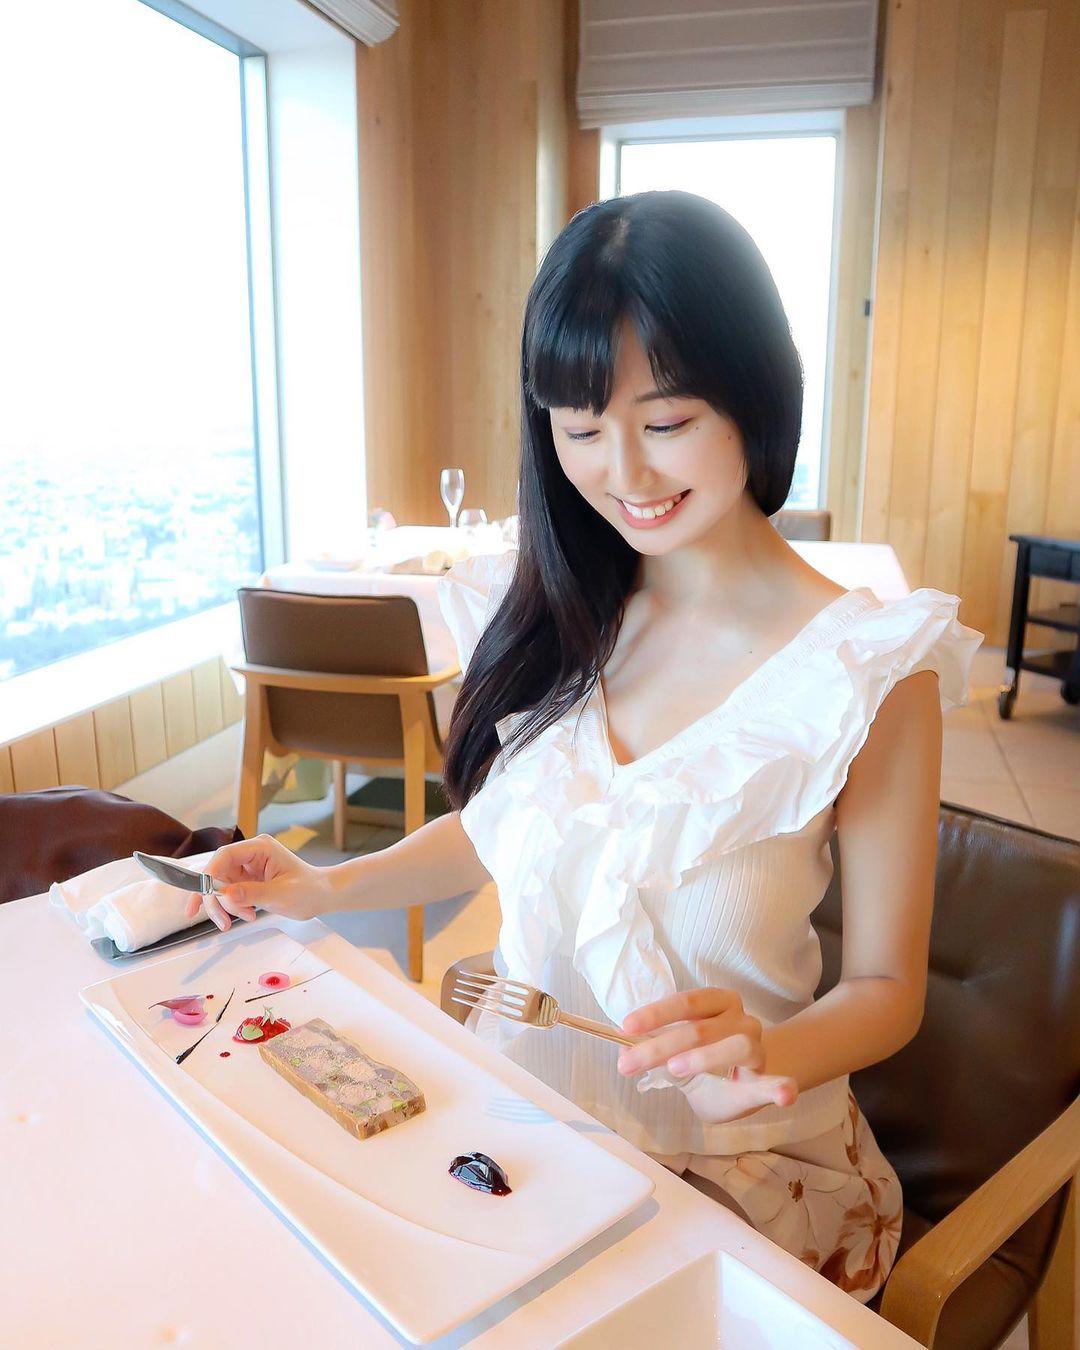 天菜系超可爱正妹事业心好强大喔 甜美气质魅力十足 养眼图片 第11张